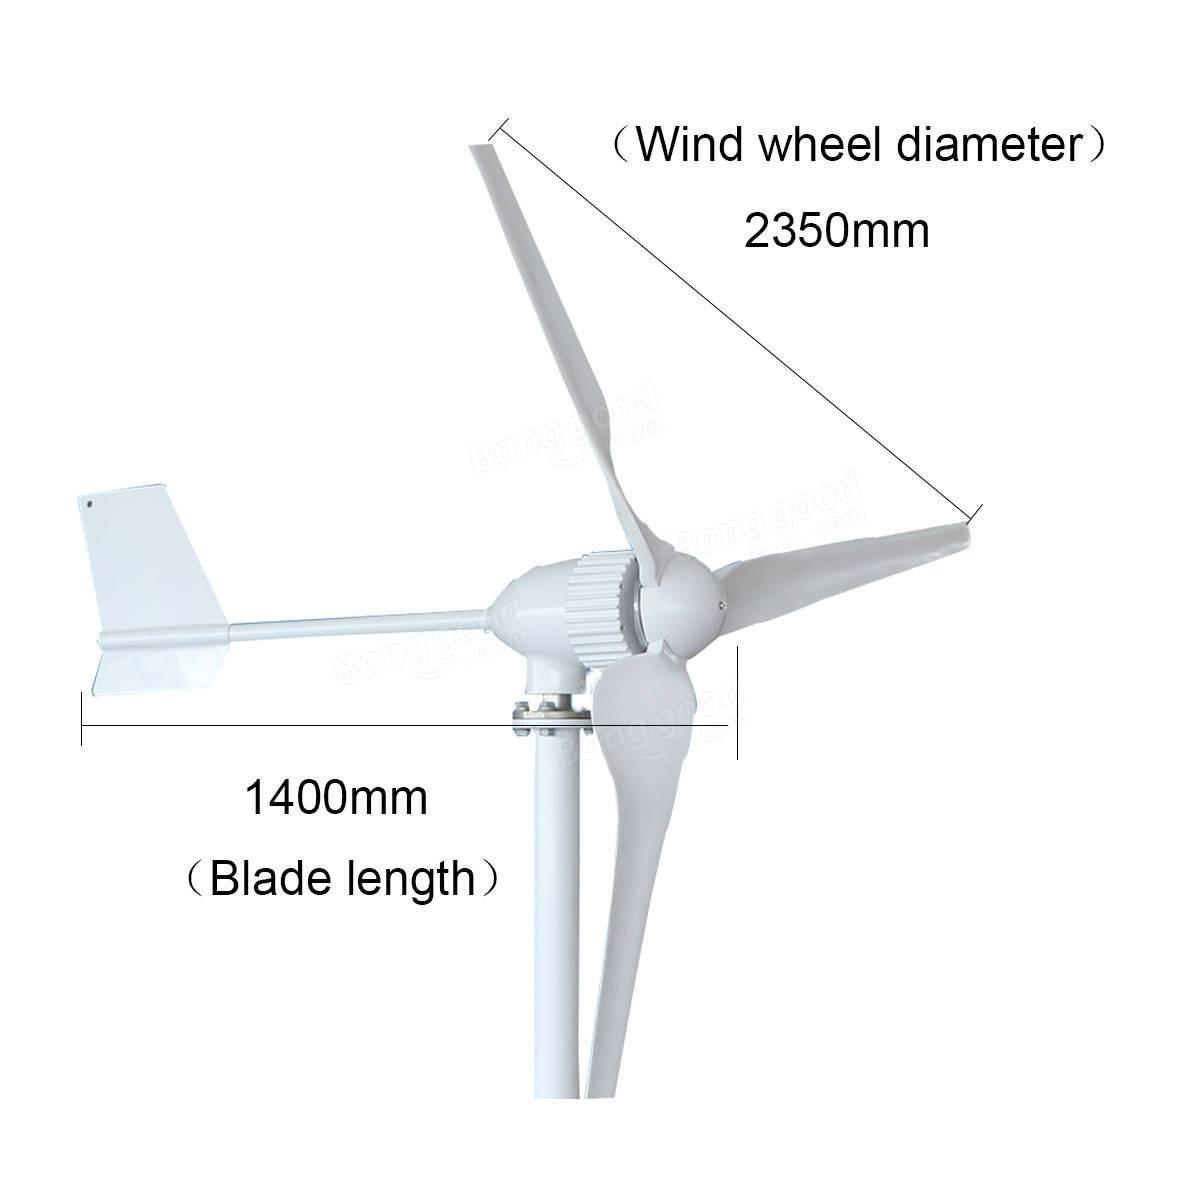 Вертикальный ветрогенератор своими руками: как собрать ветряк - точка j